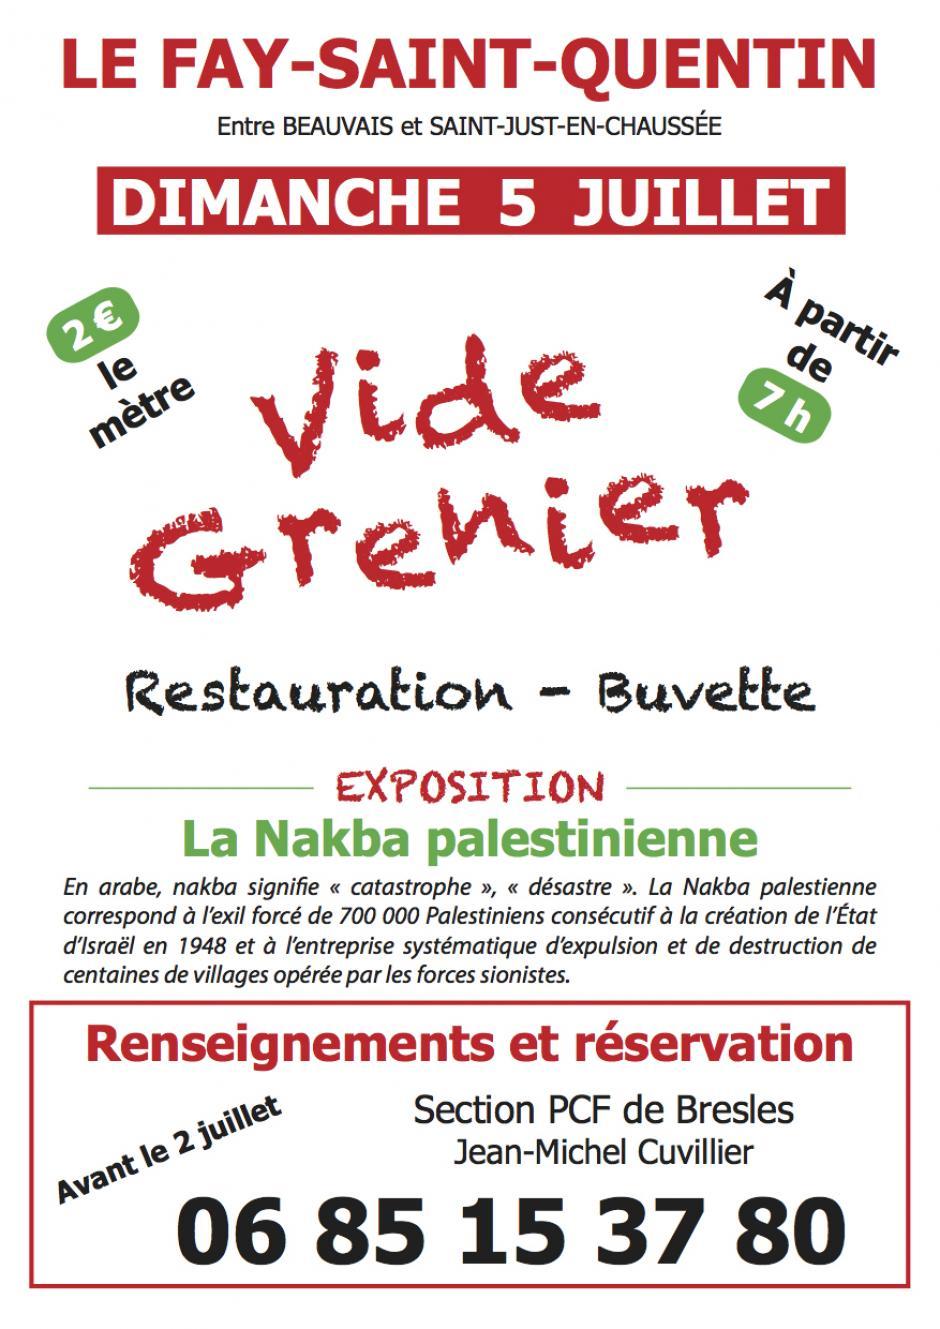 5 juillet, Le Fay-Saint-Quentin - Vide-grenier organisé par la section PCF de Bresles